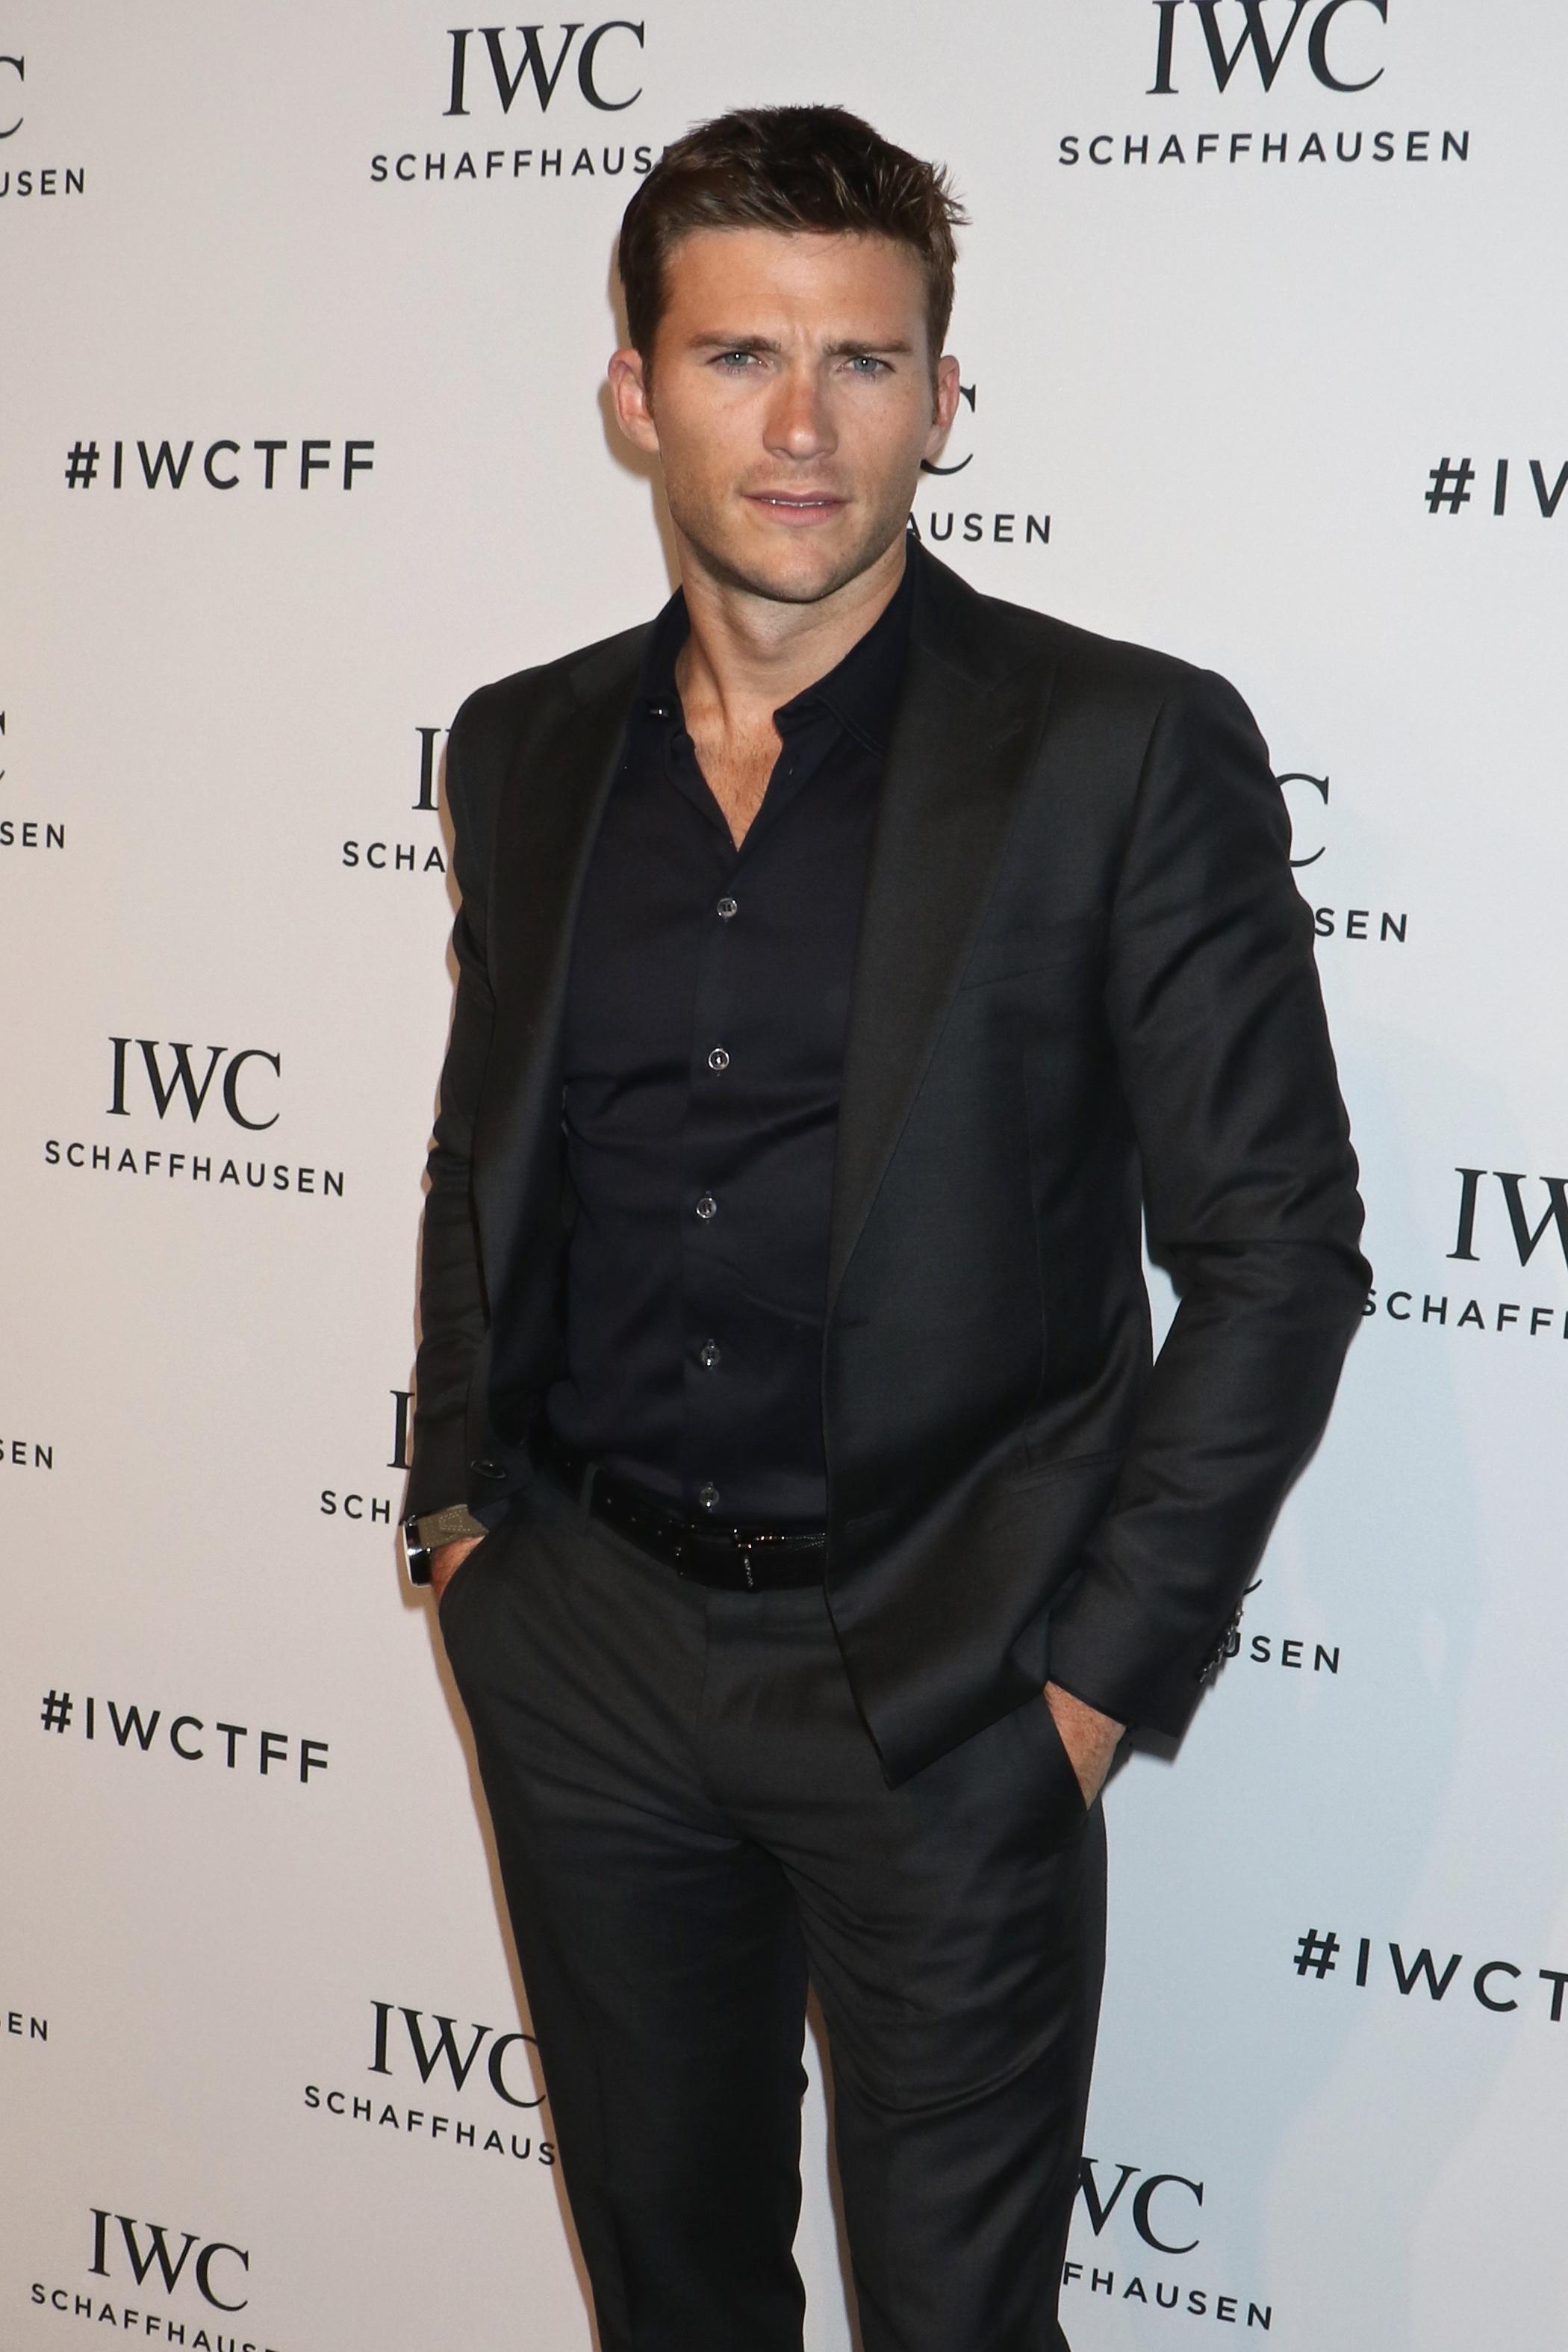 Scott Eastwood talks undies, dating on 'Ellen'